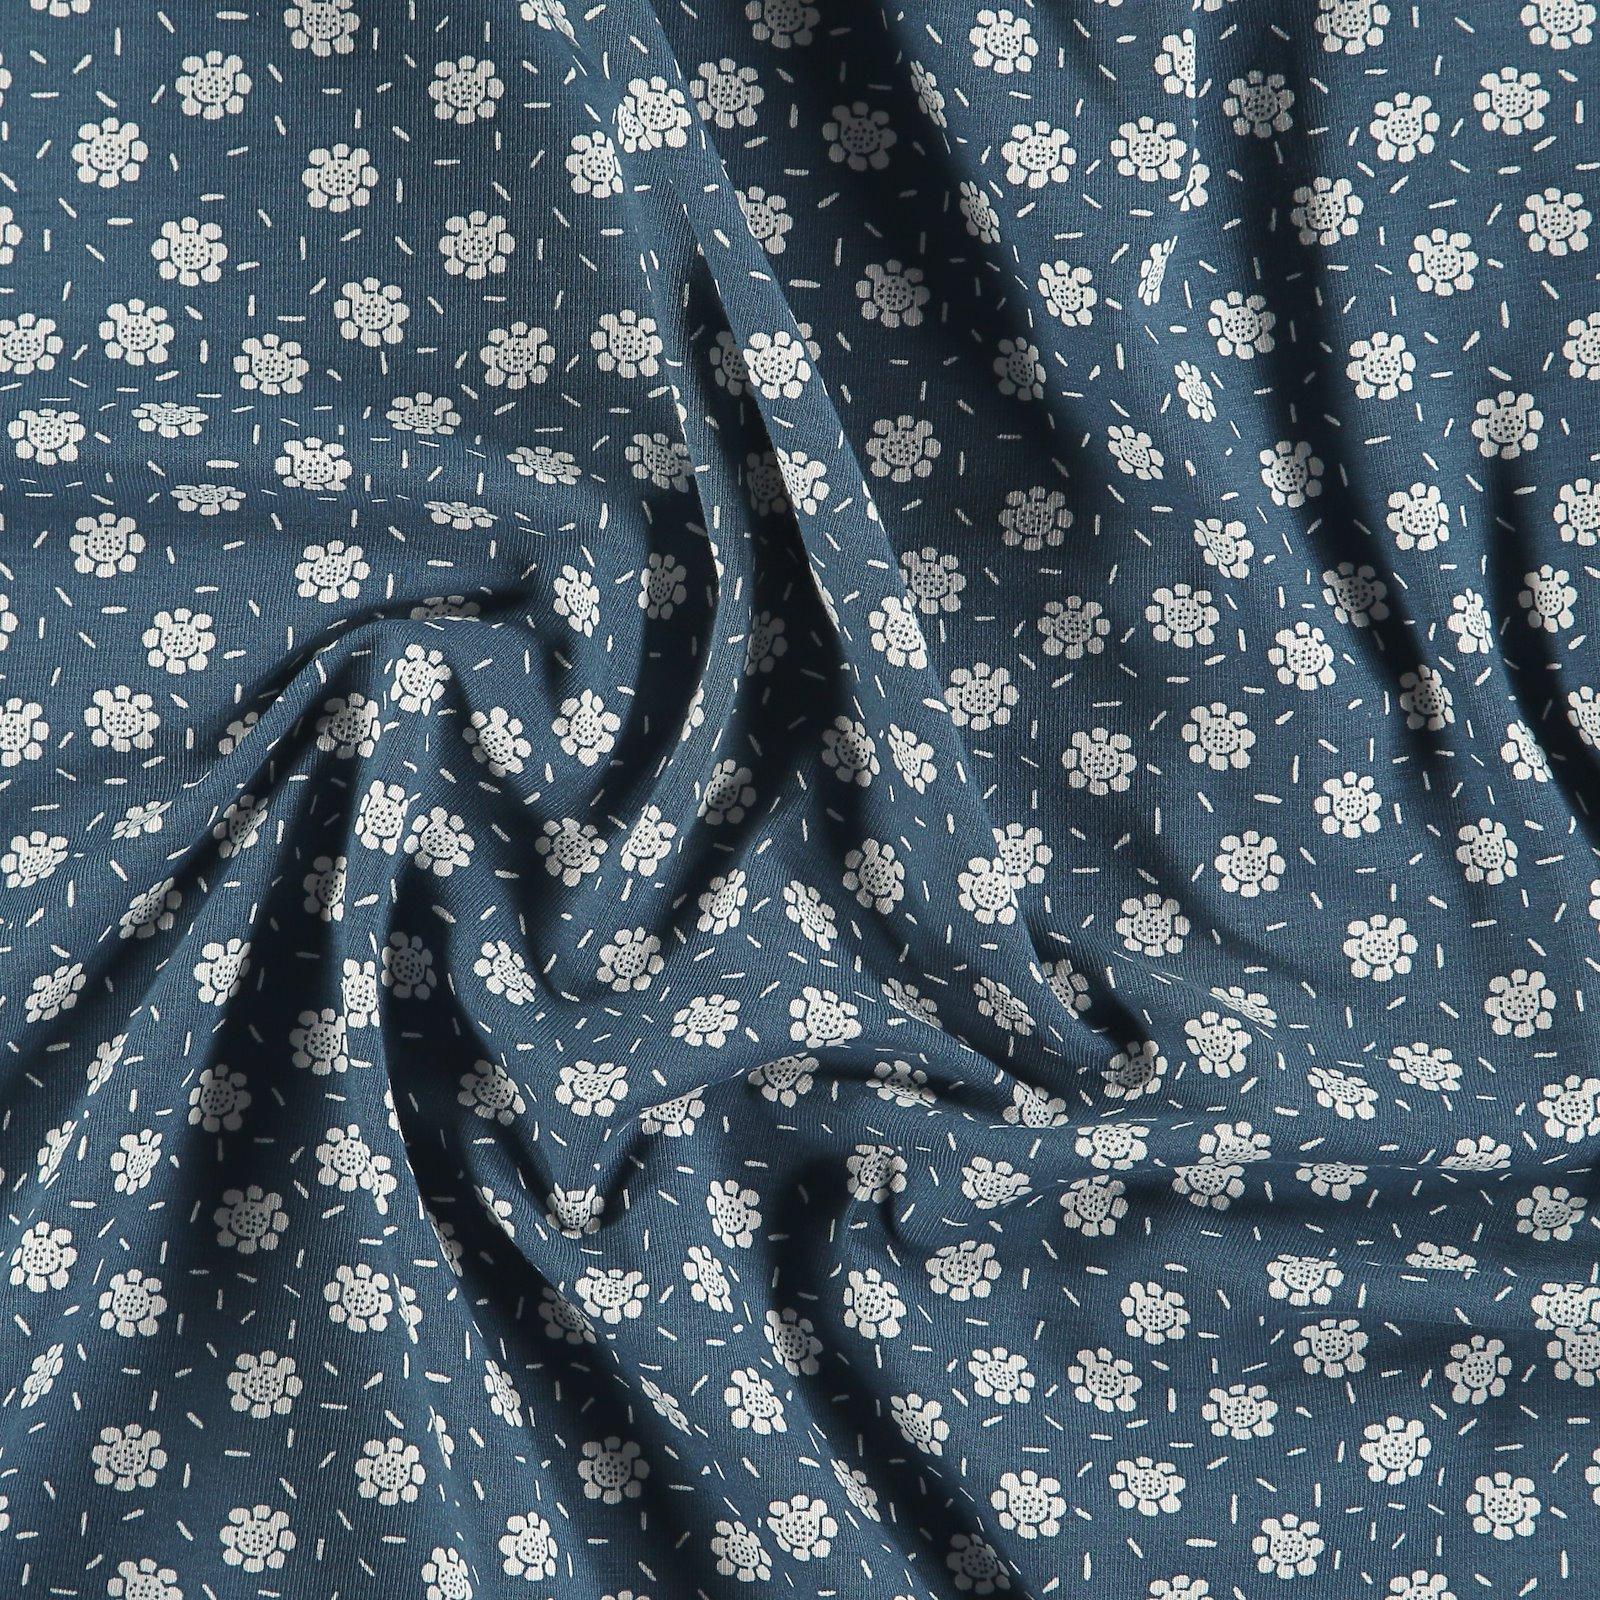 Organic st jersey dusty blue w flowers